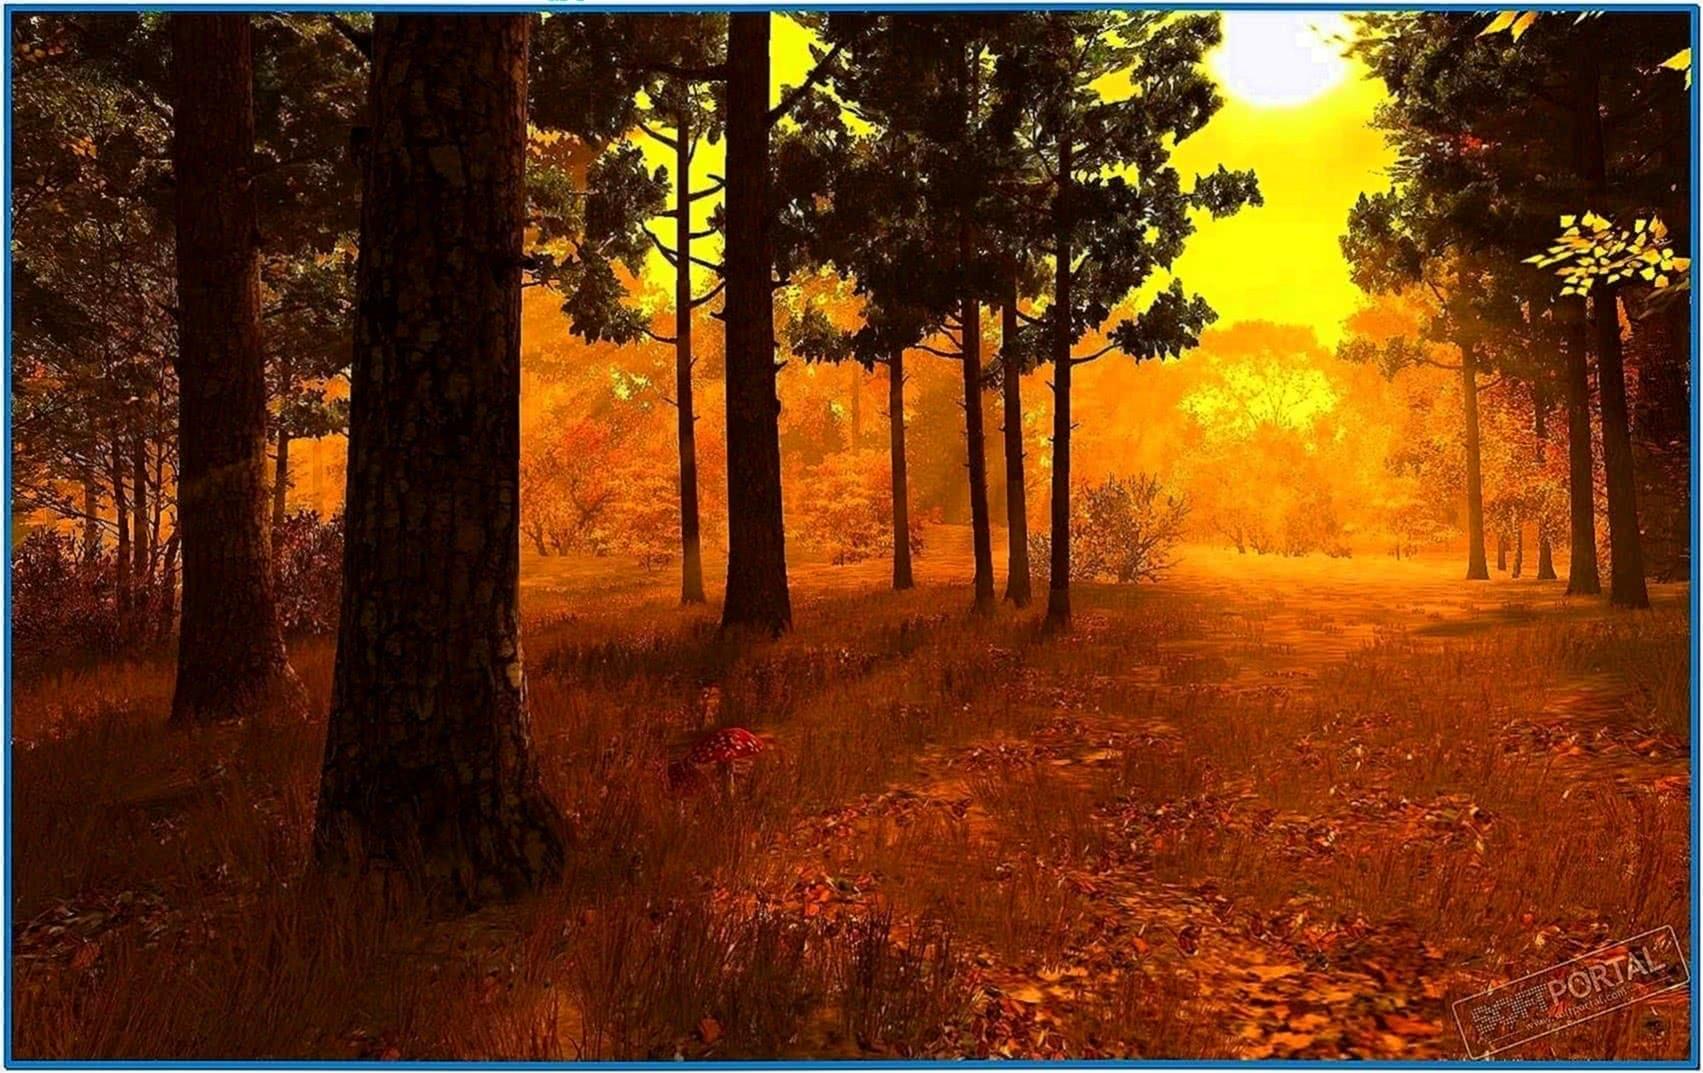 Autumn Forest 3D Screensaver 1.0